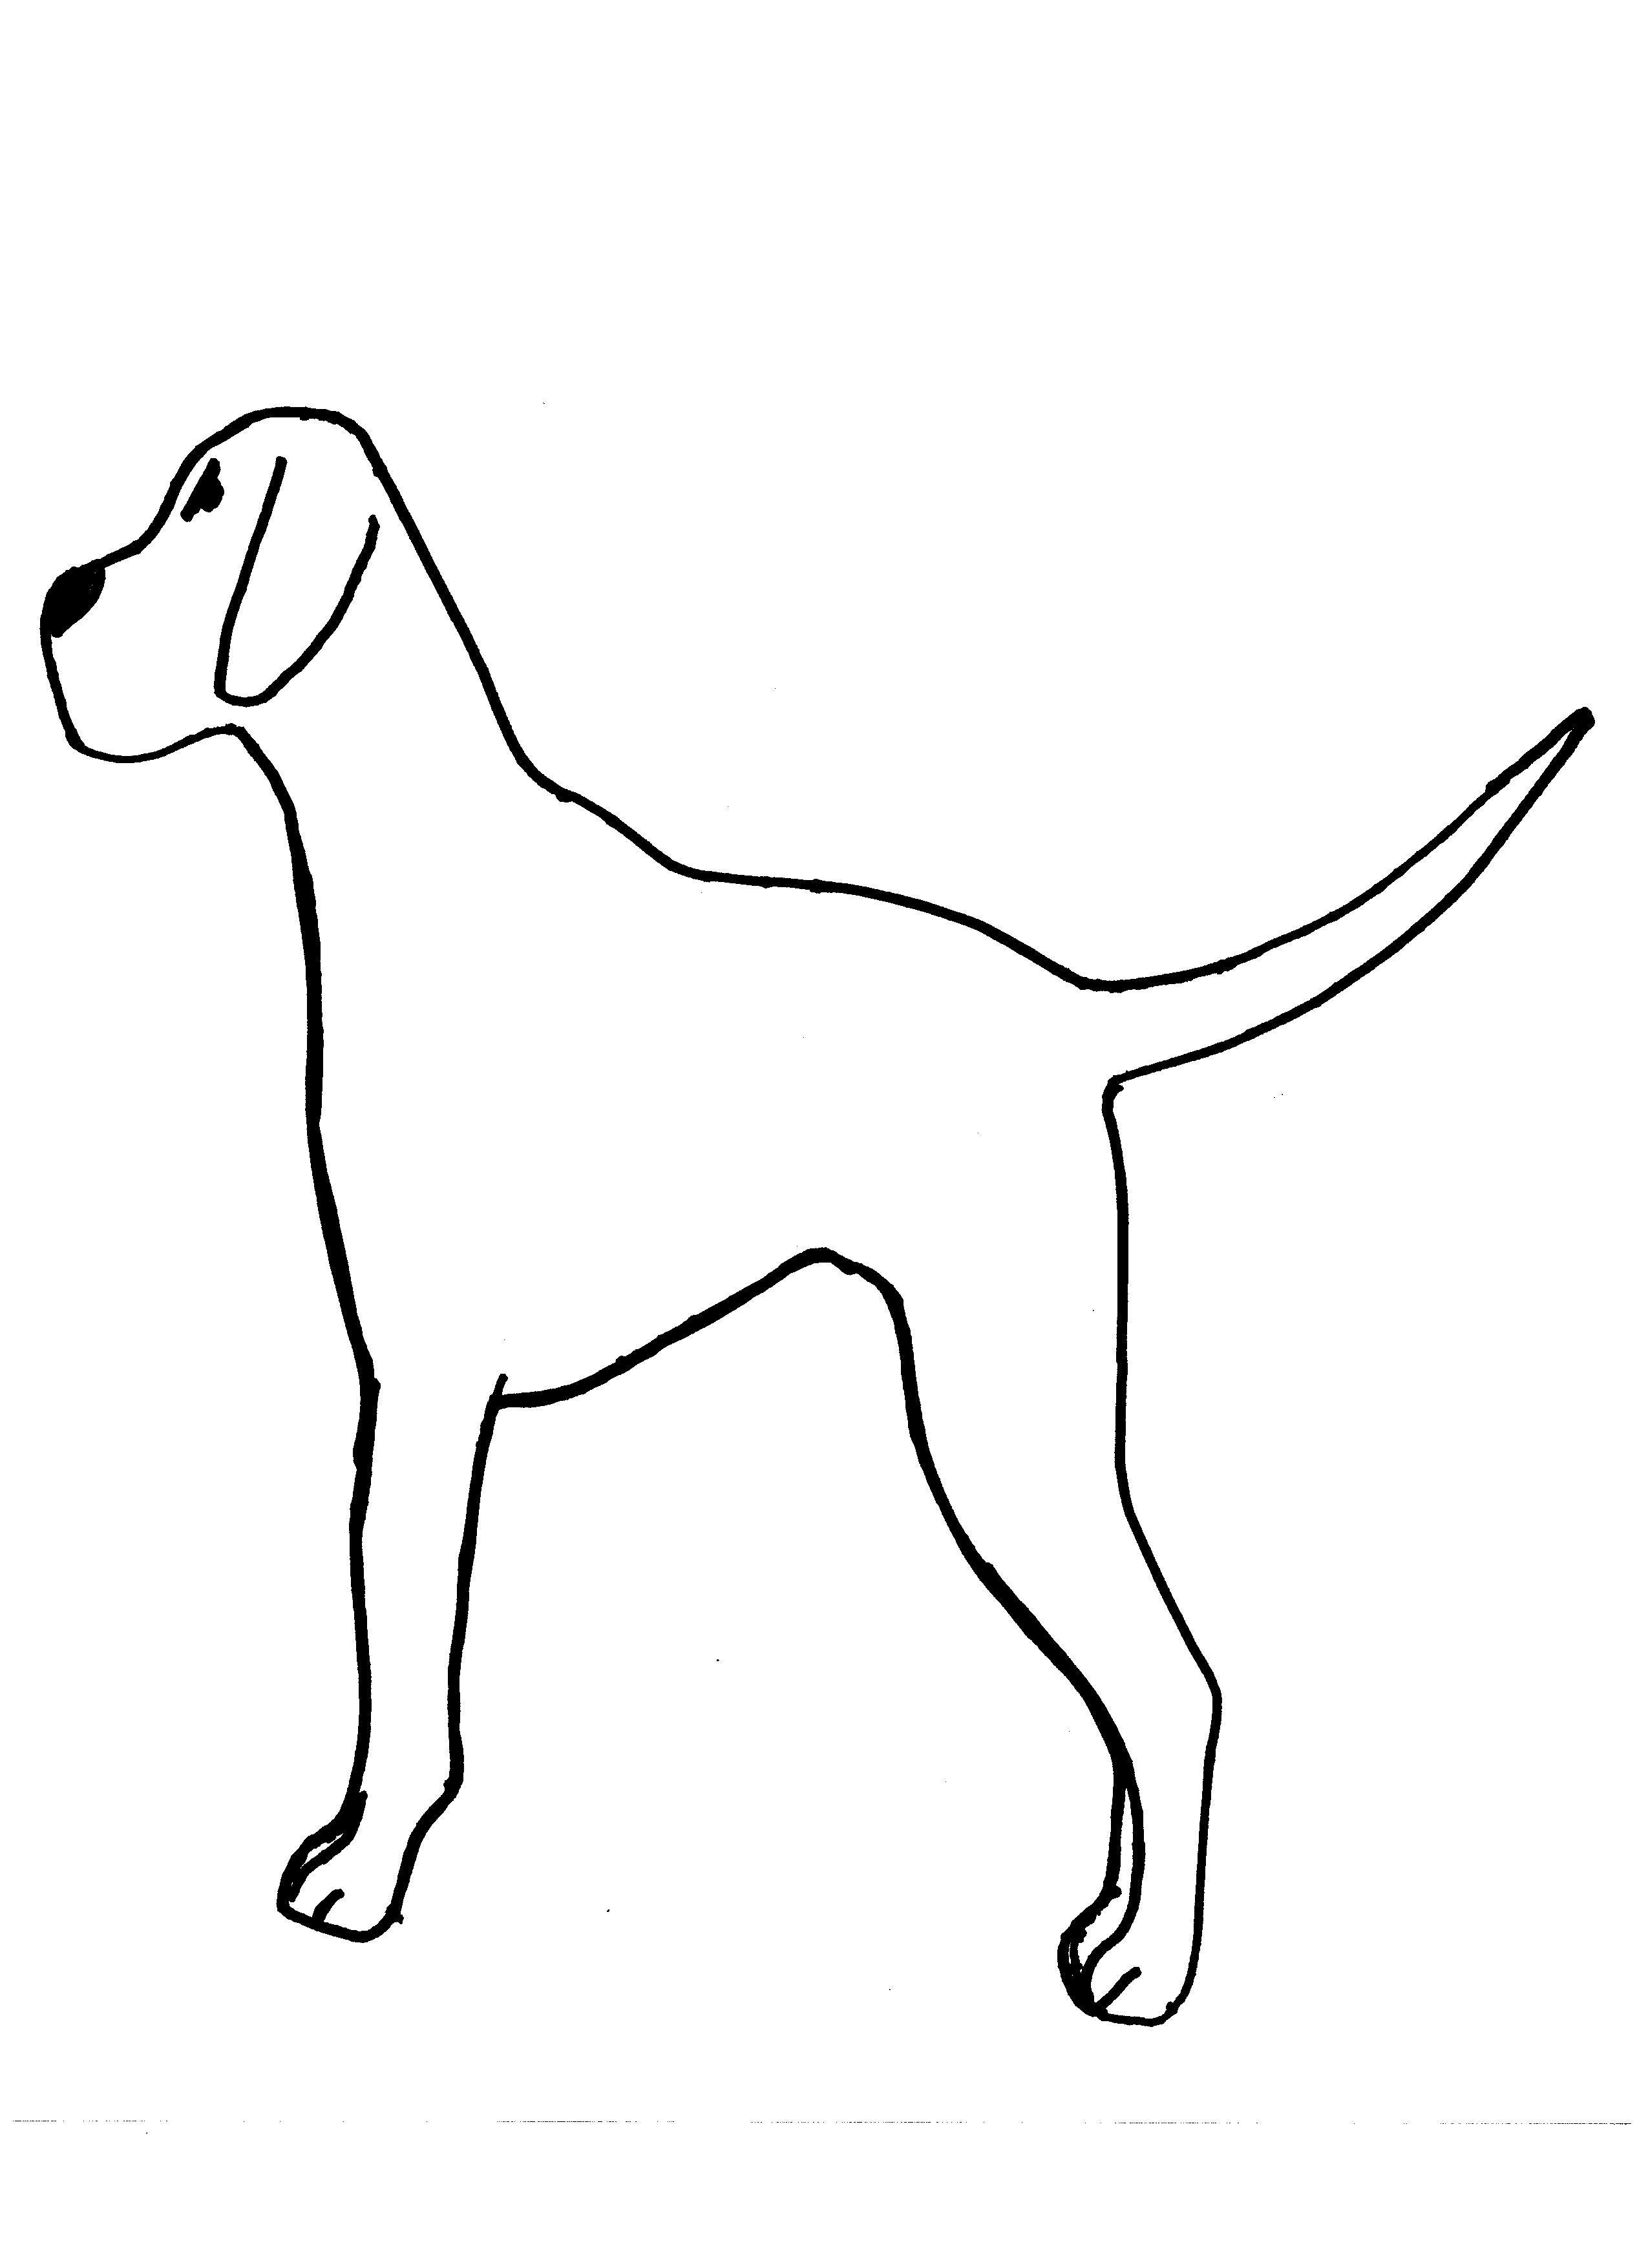 Dog Template For Kids Fingerprint Black Dots On Dalmation